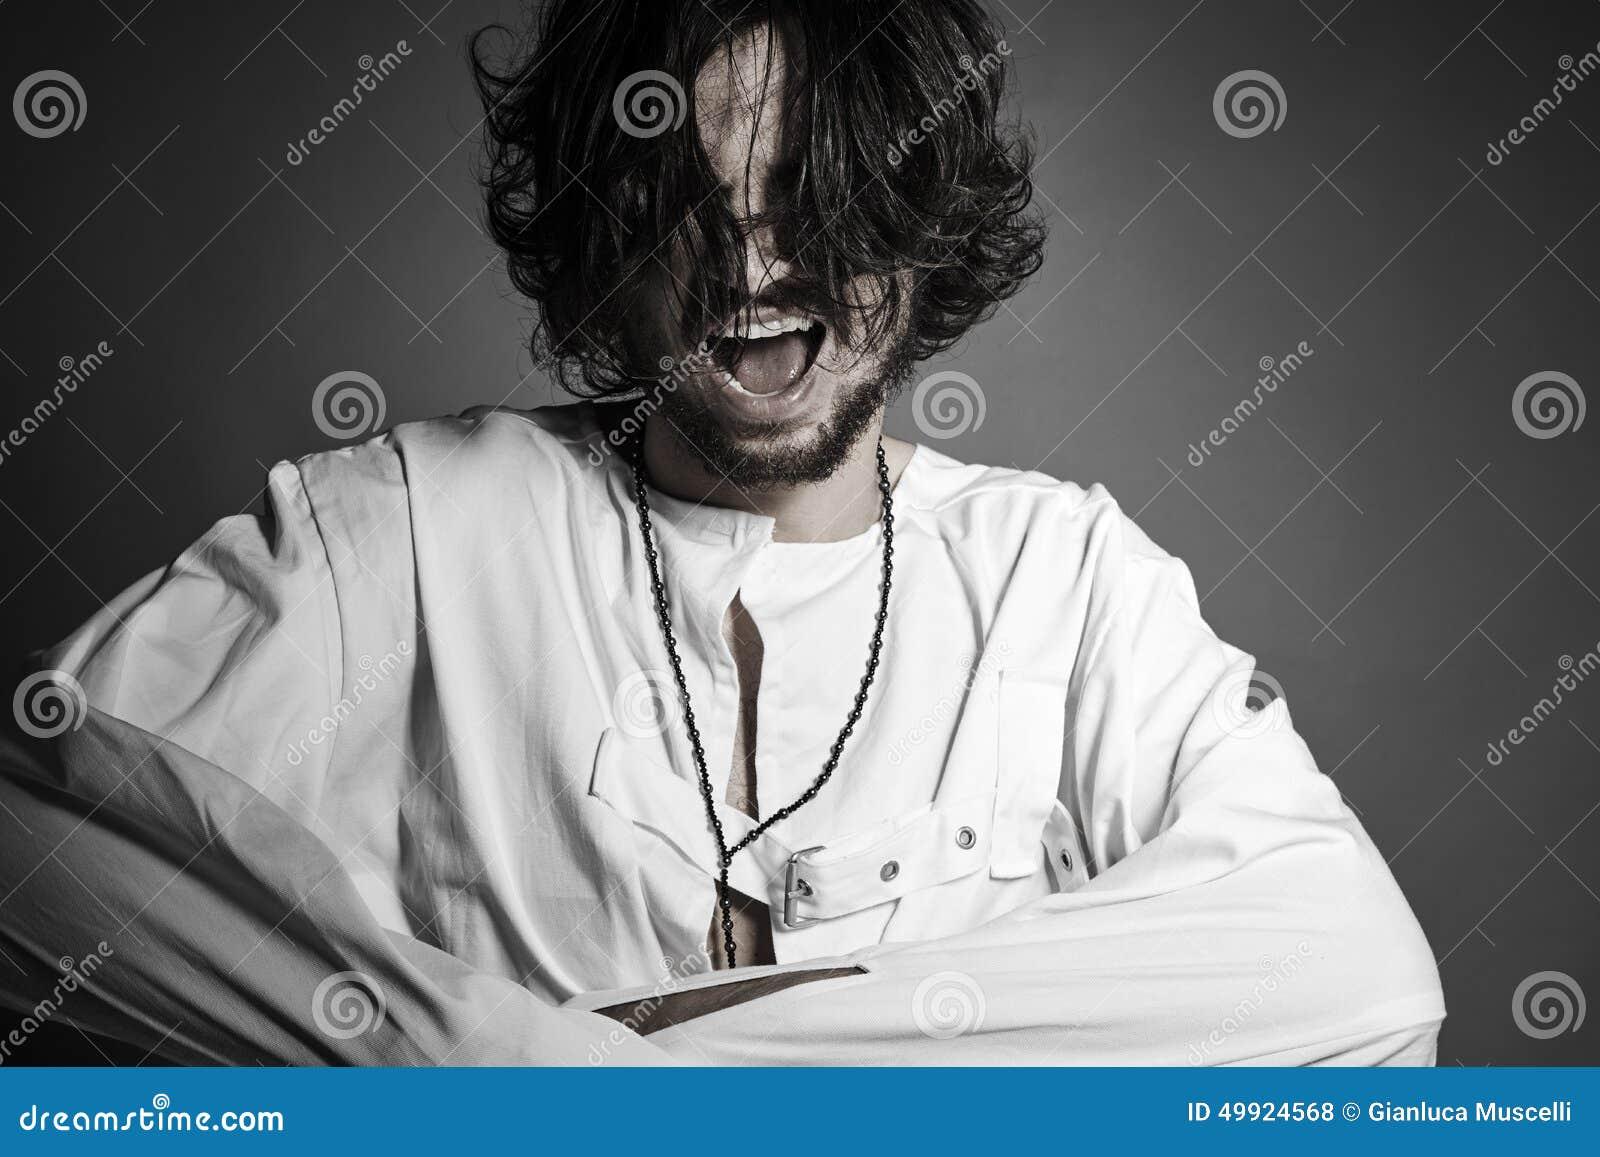 Homme fol avec l essai criard de camisole de force de casser gratuit